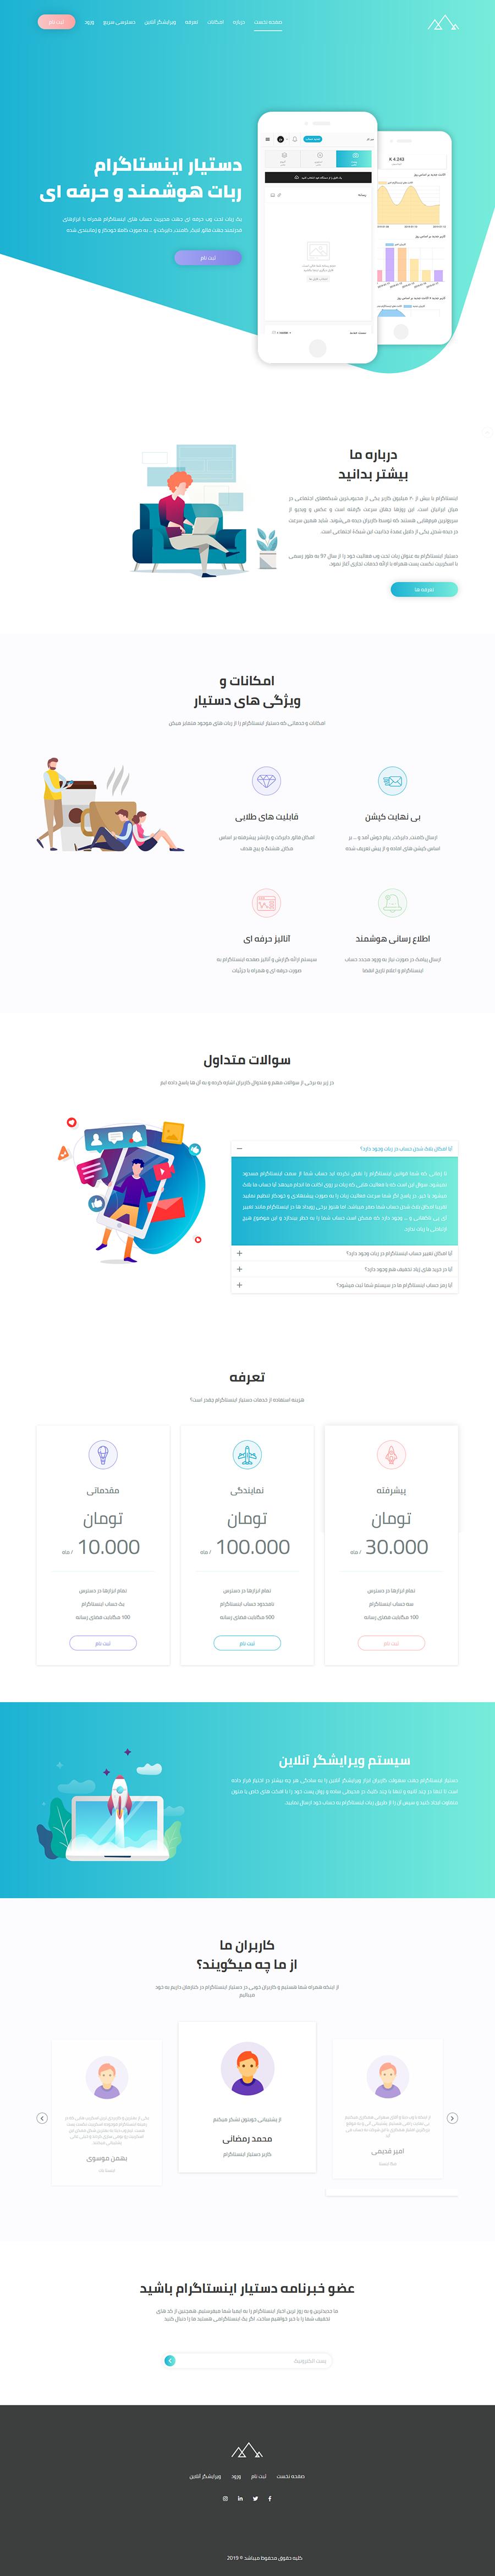 alp cover - قالب آلپ برای اسکریپت نکست پست